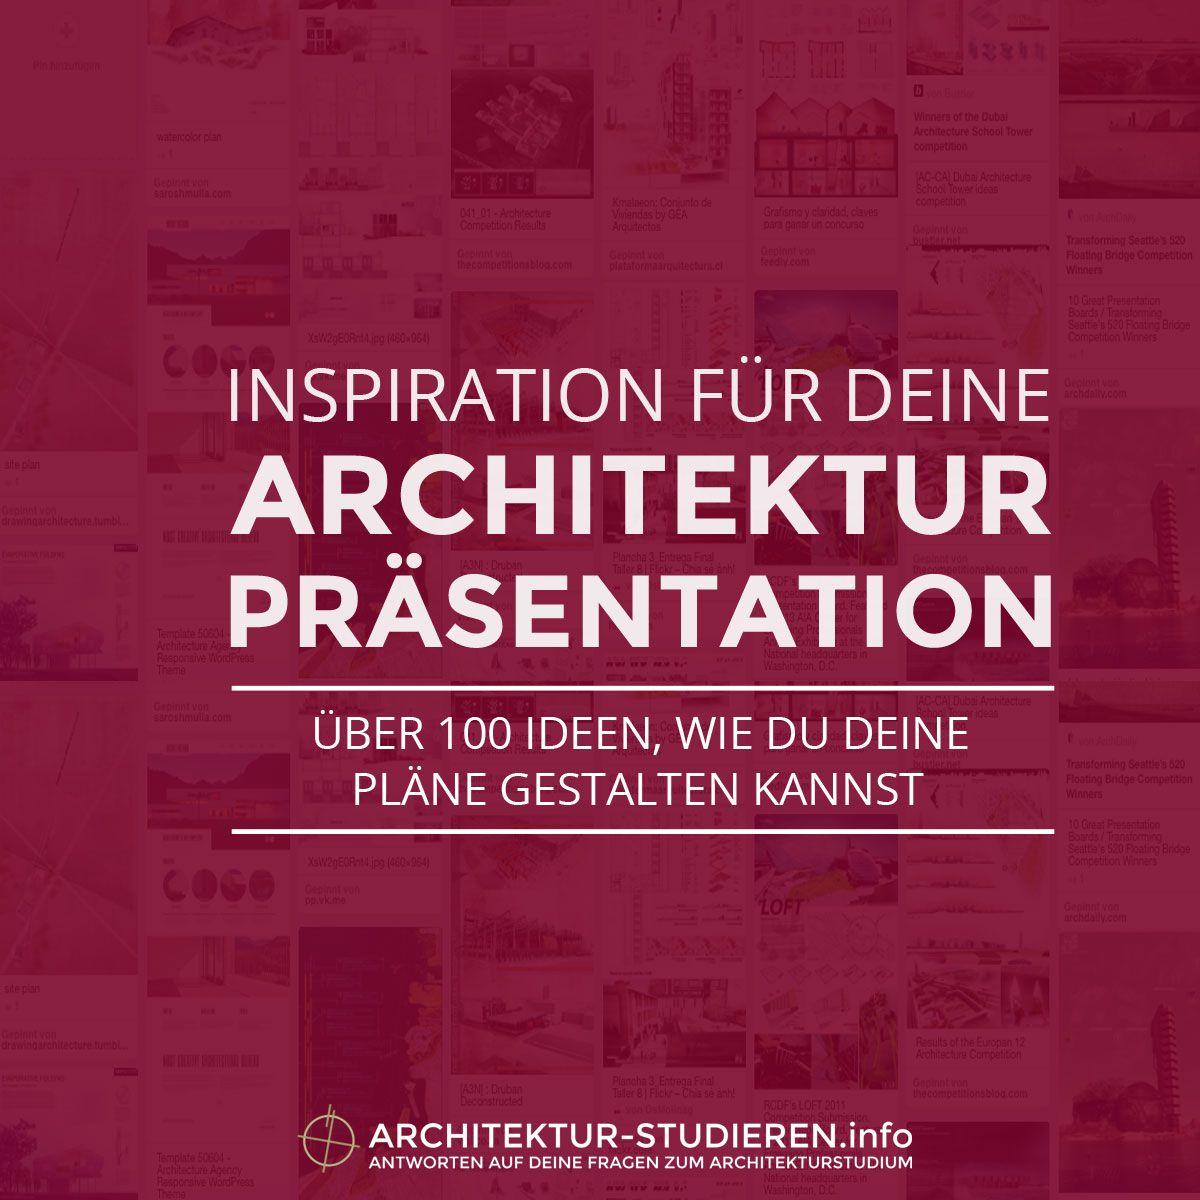 Ber 100 ideen wie du deine architektur pl ne gestalten for Architektur studieren nrw